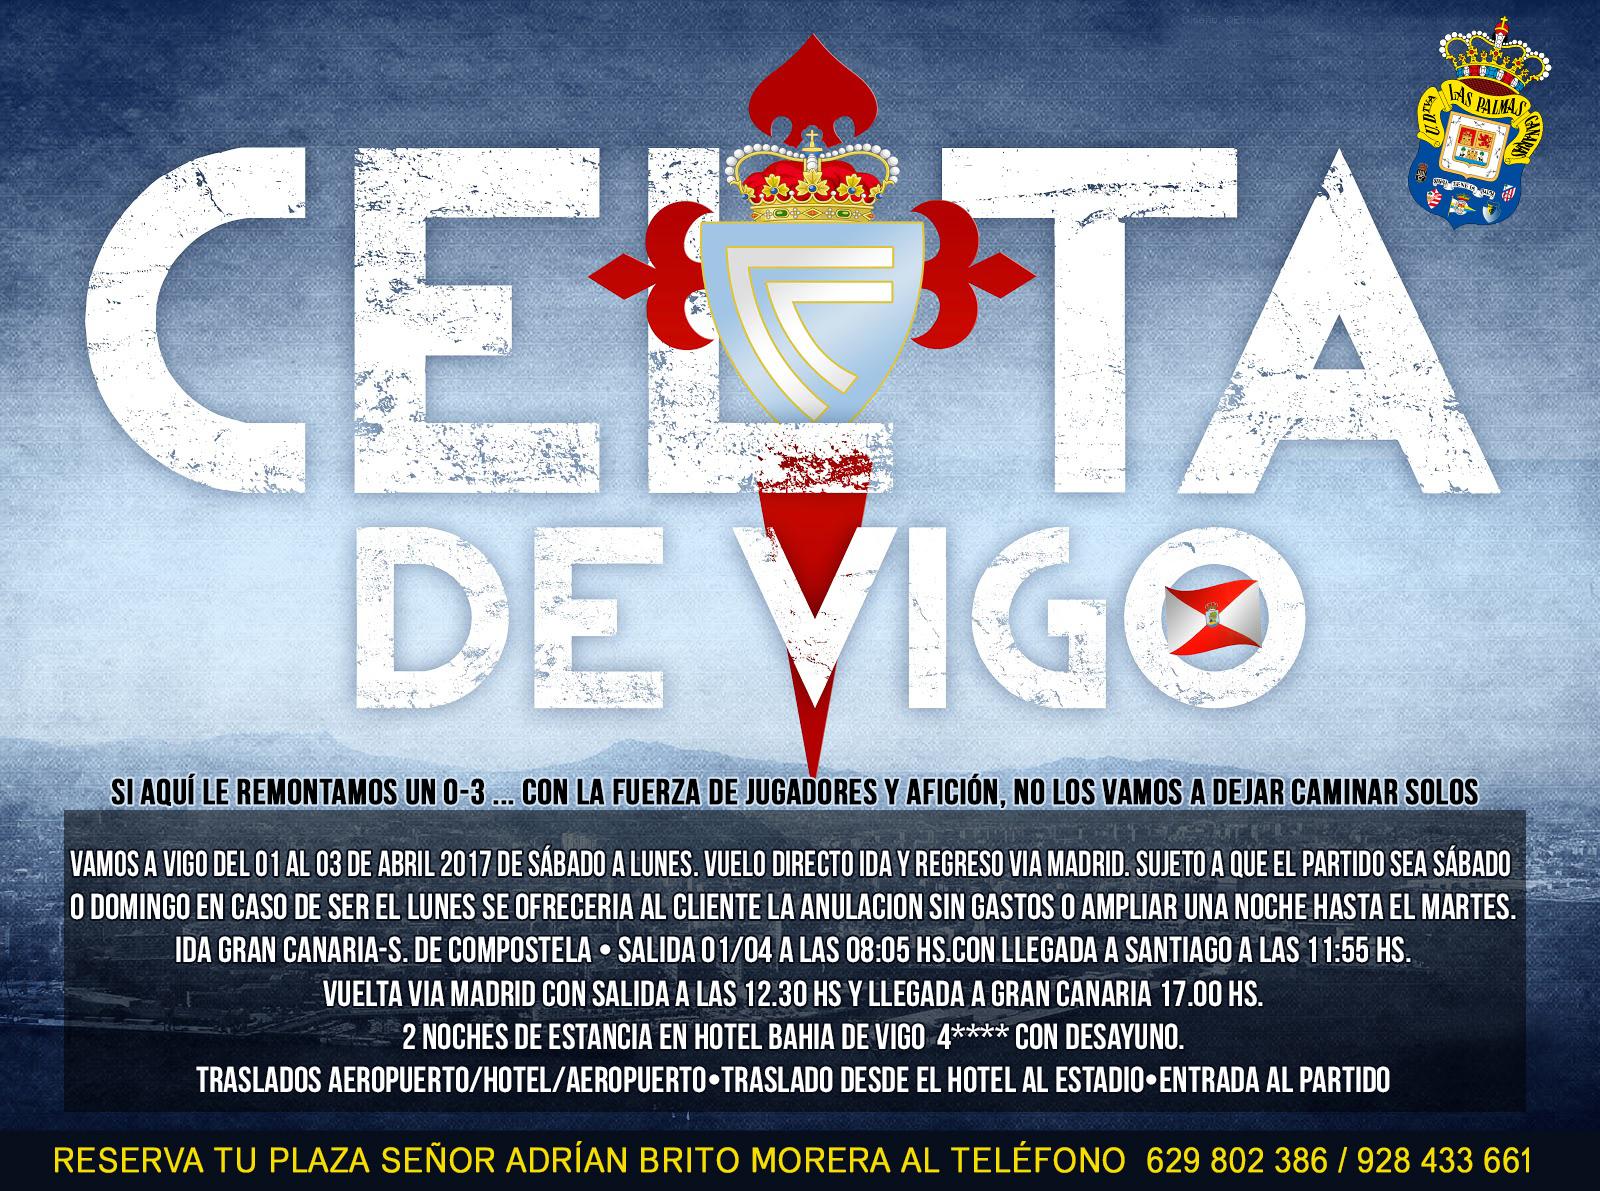 Ud Las Palmas vs. Celta de Vigo